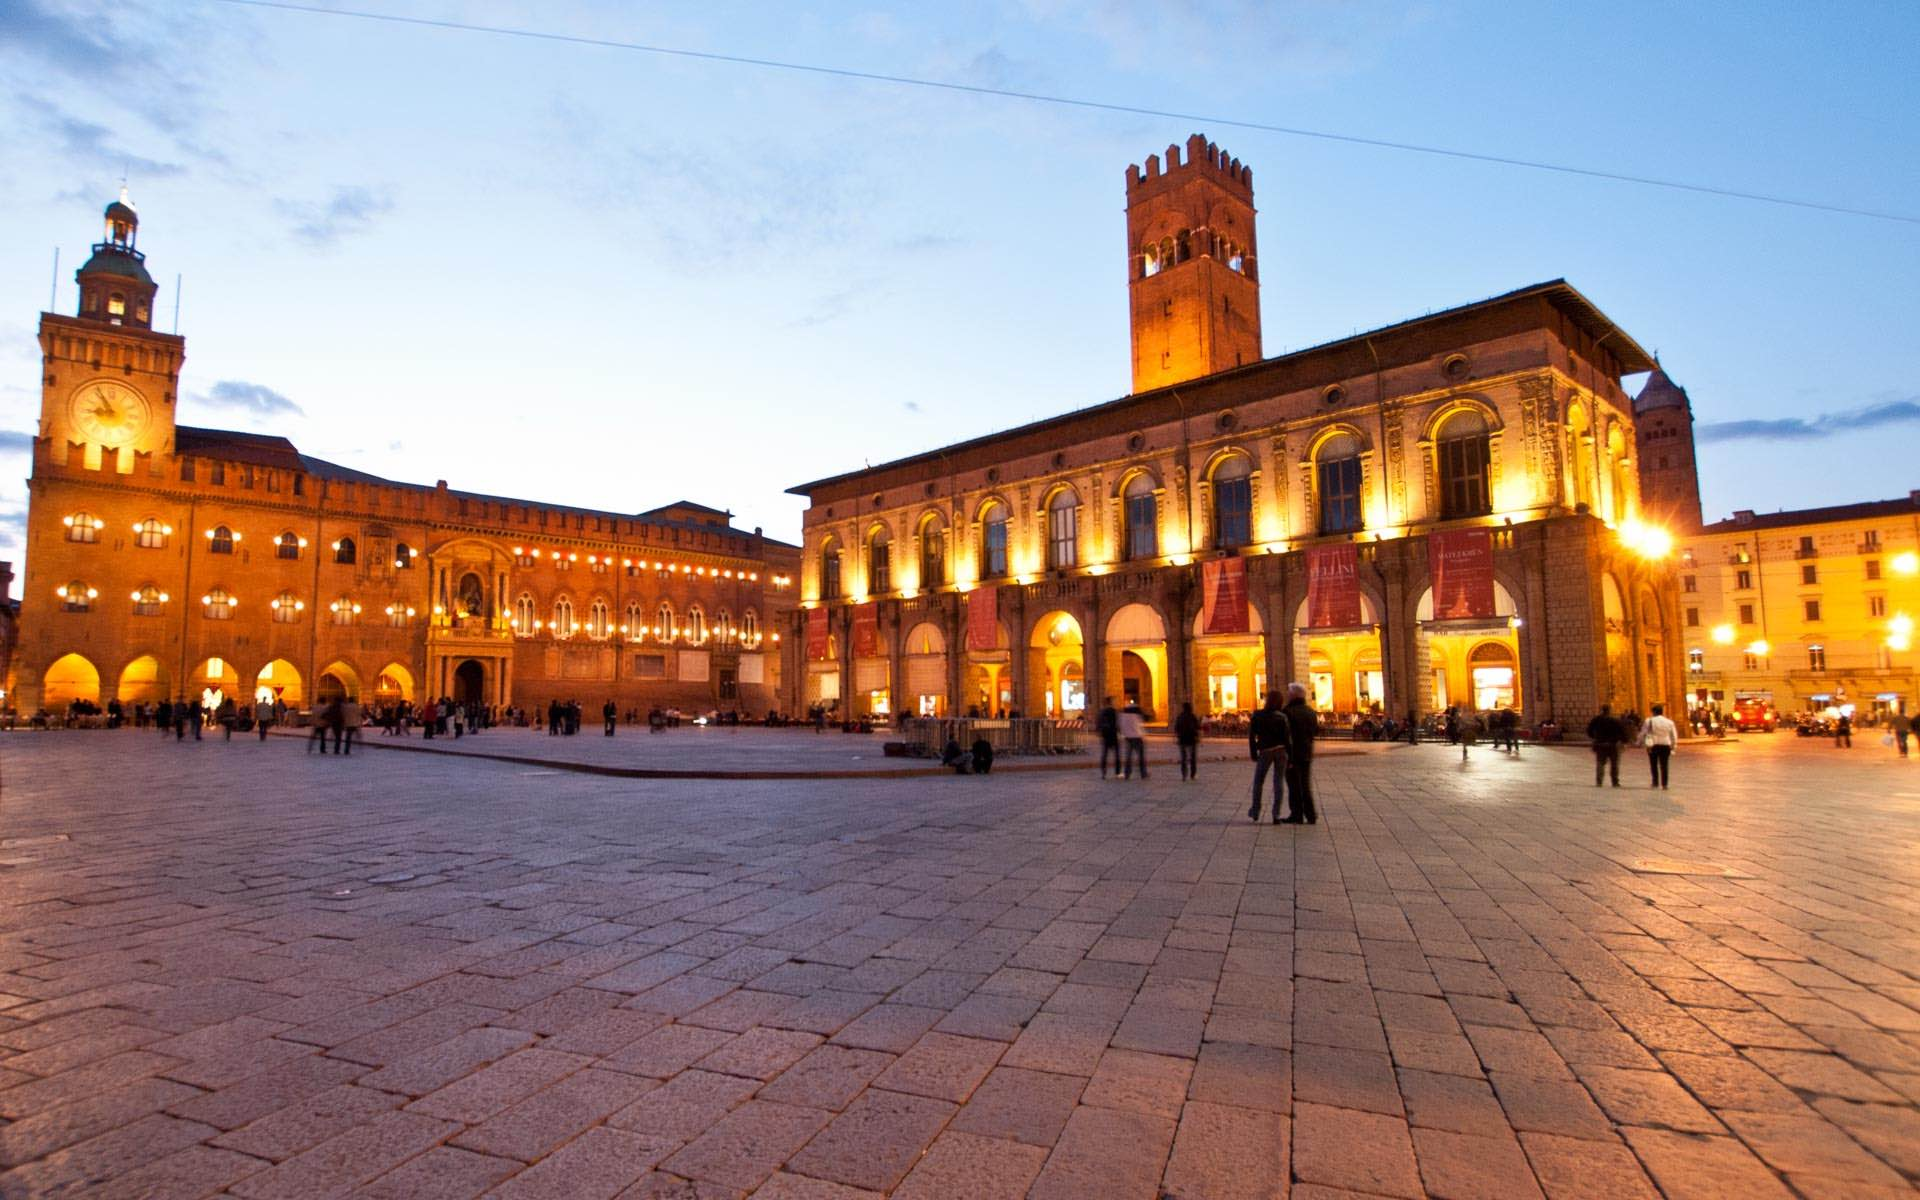 Chauffeur & Limousine Service Bologna - Piazza Maggiore